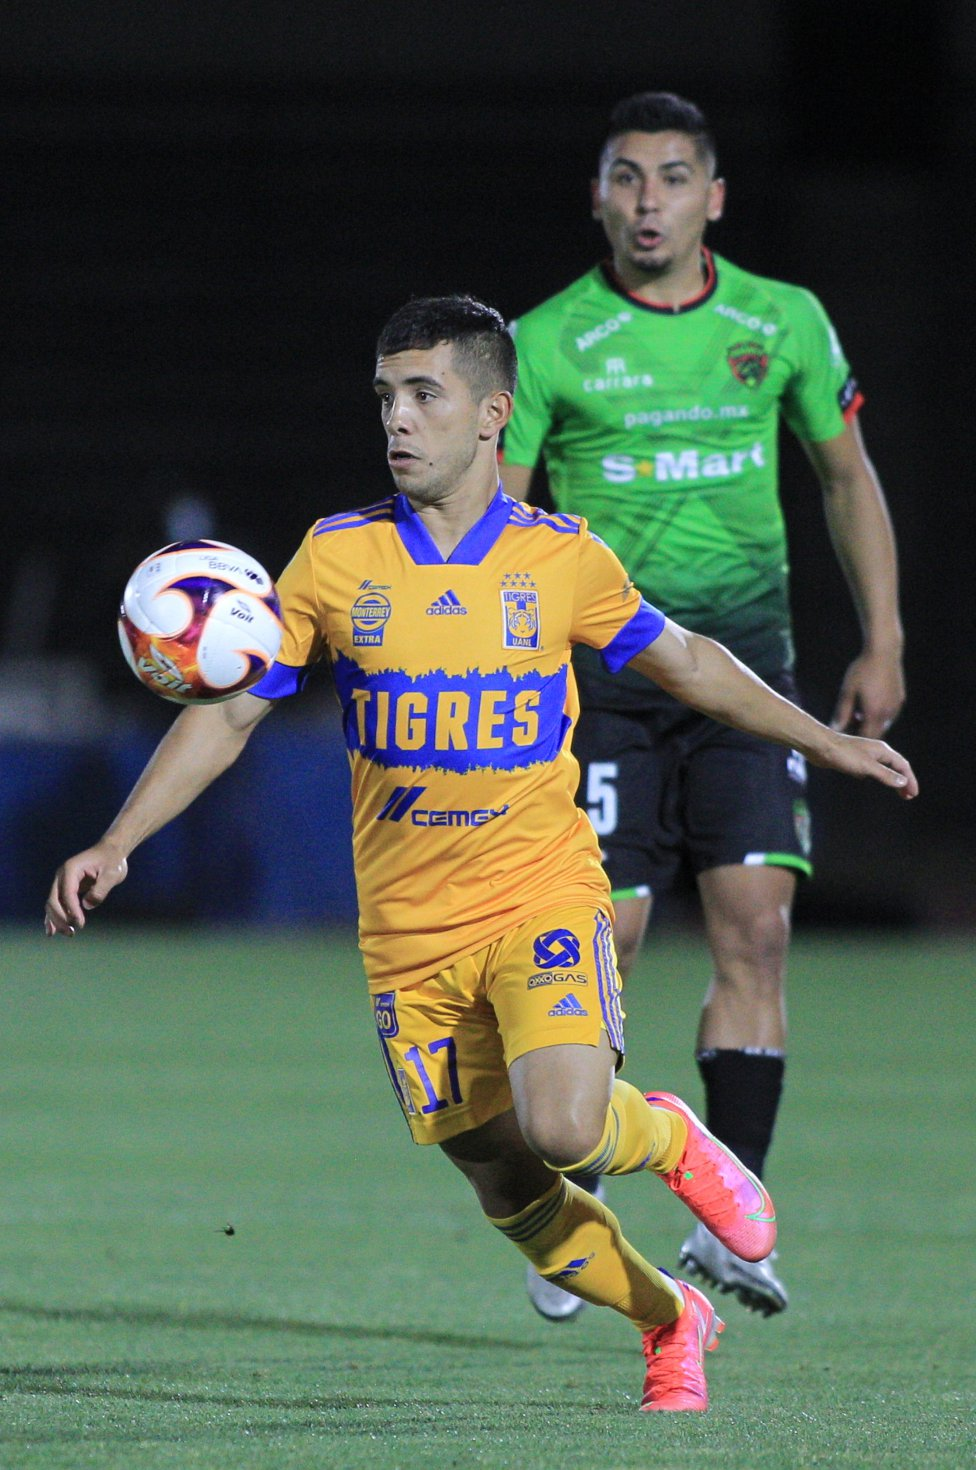 Leo Fernández es uno de los jugadores que perdieron valor en el Guardiaes 2021. De acuerdo con datos de Transfermarkt, el jugador de Tigres perdió 2.5 millones de euros en su precio, por lo que ahora cuesta 5 mde.